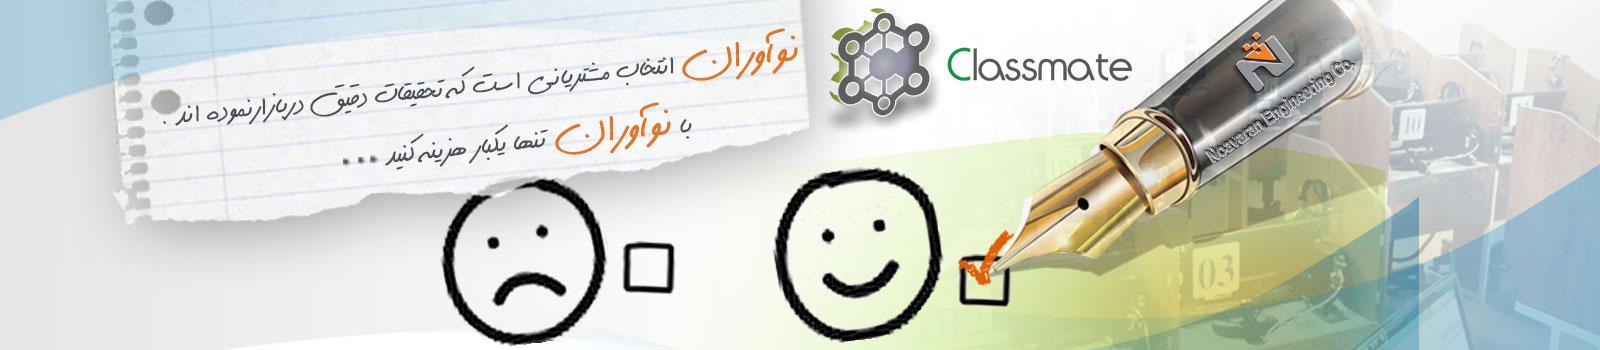 classmate-moshtari